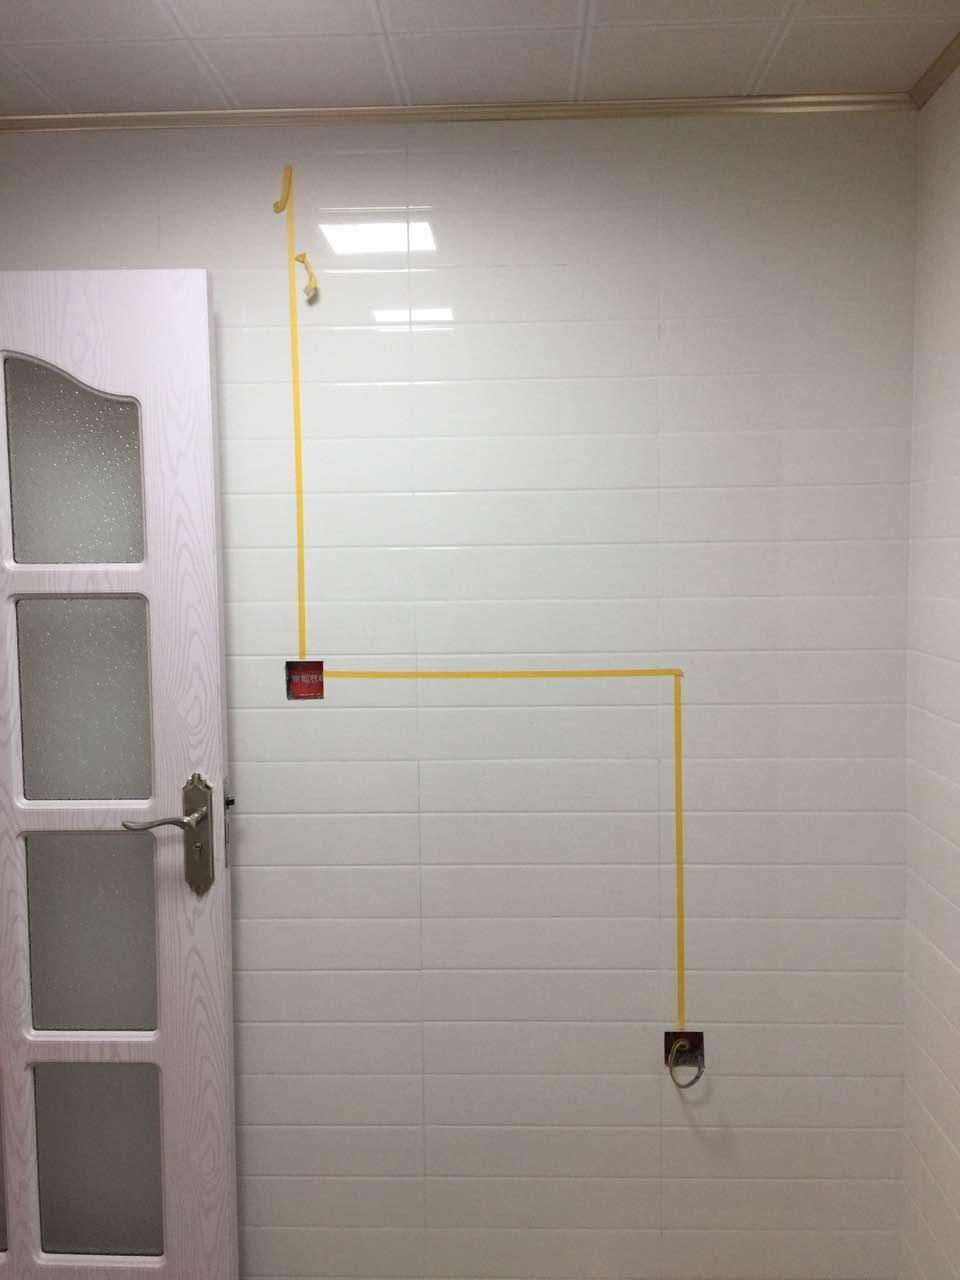 墙面贴明水电线路,避免安装五金挂件敲坏